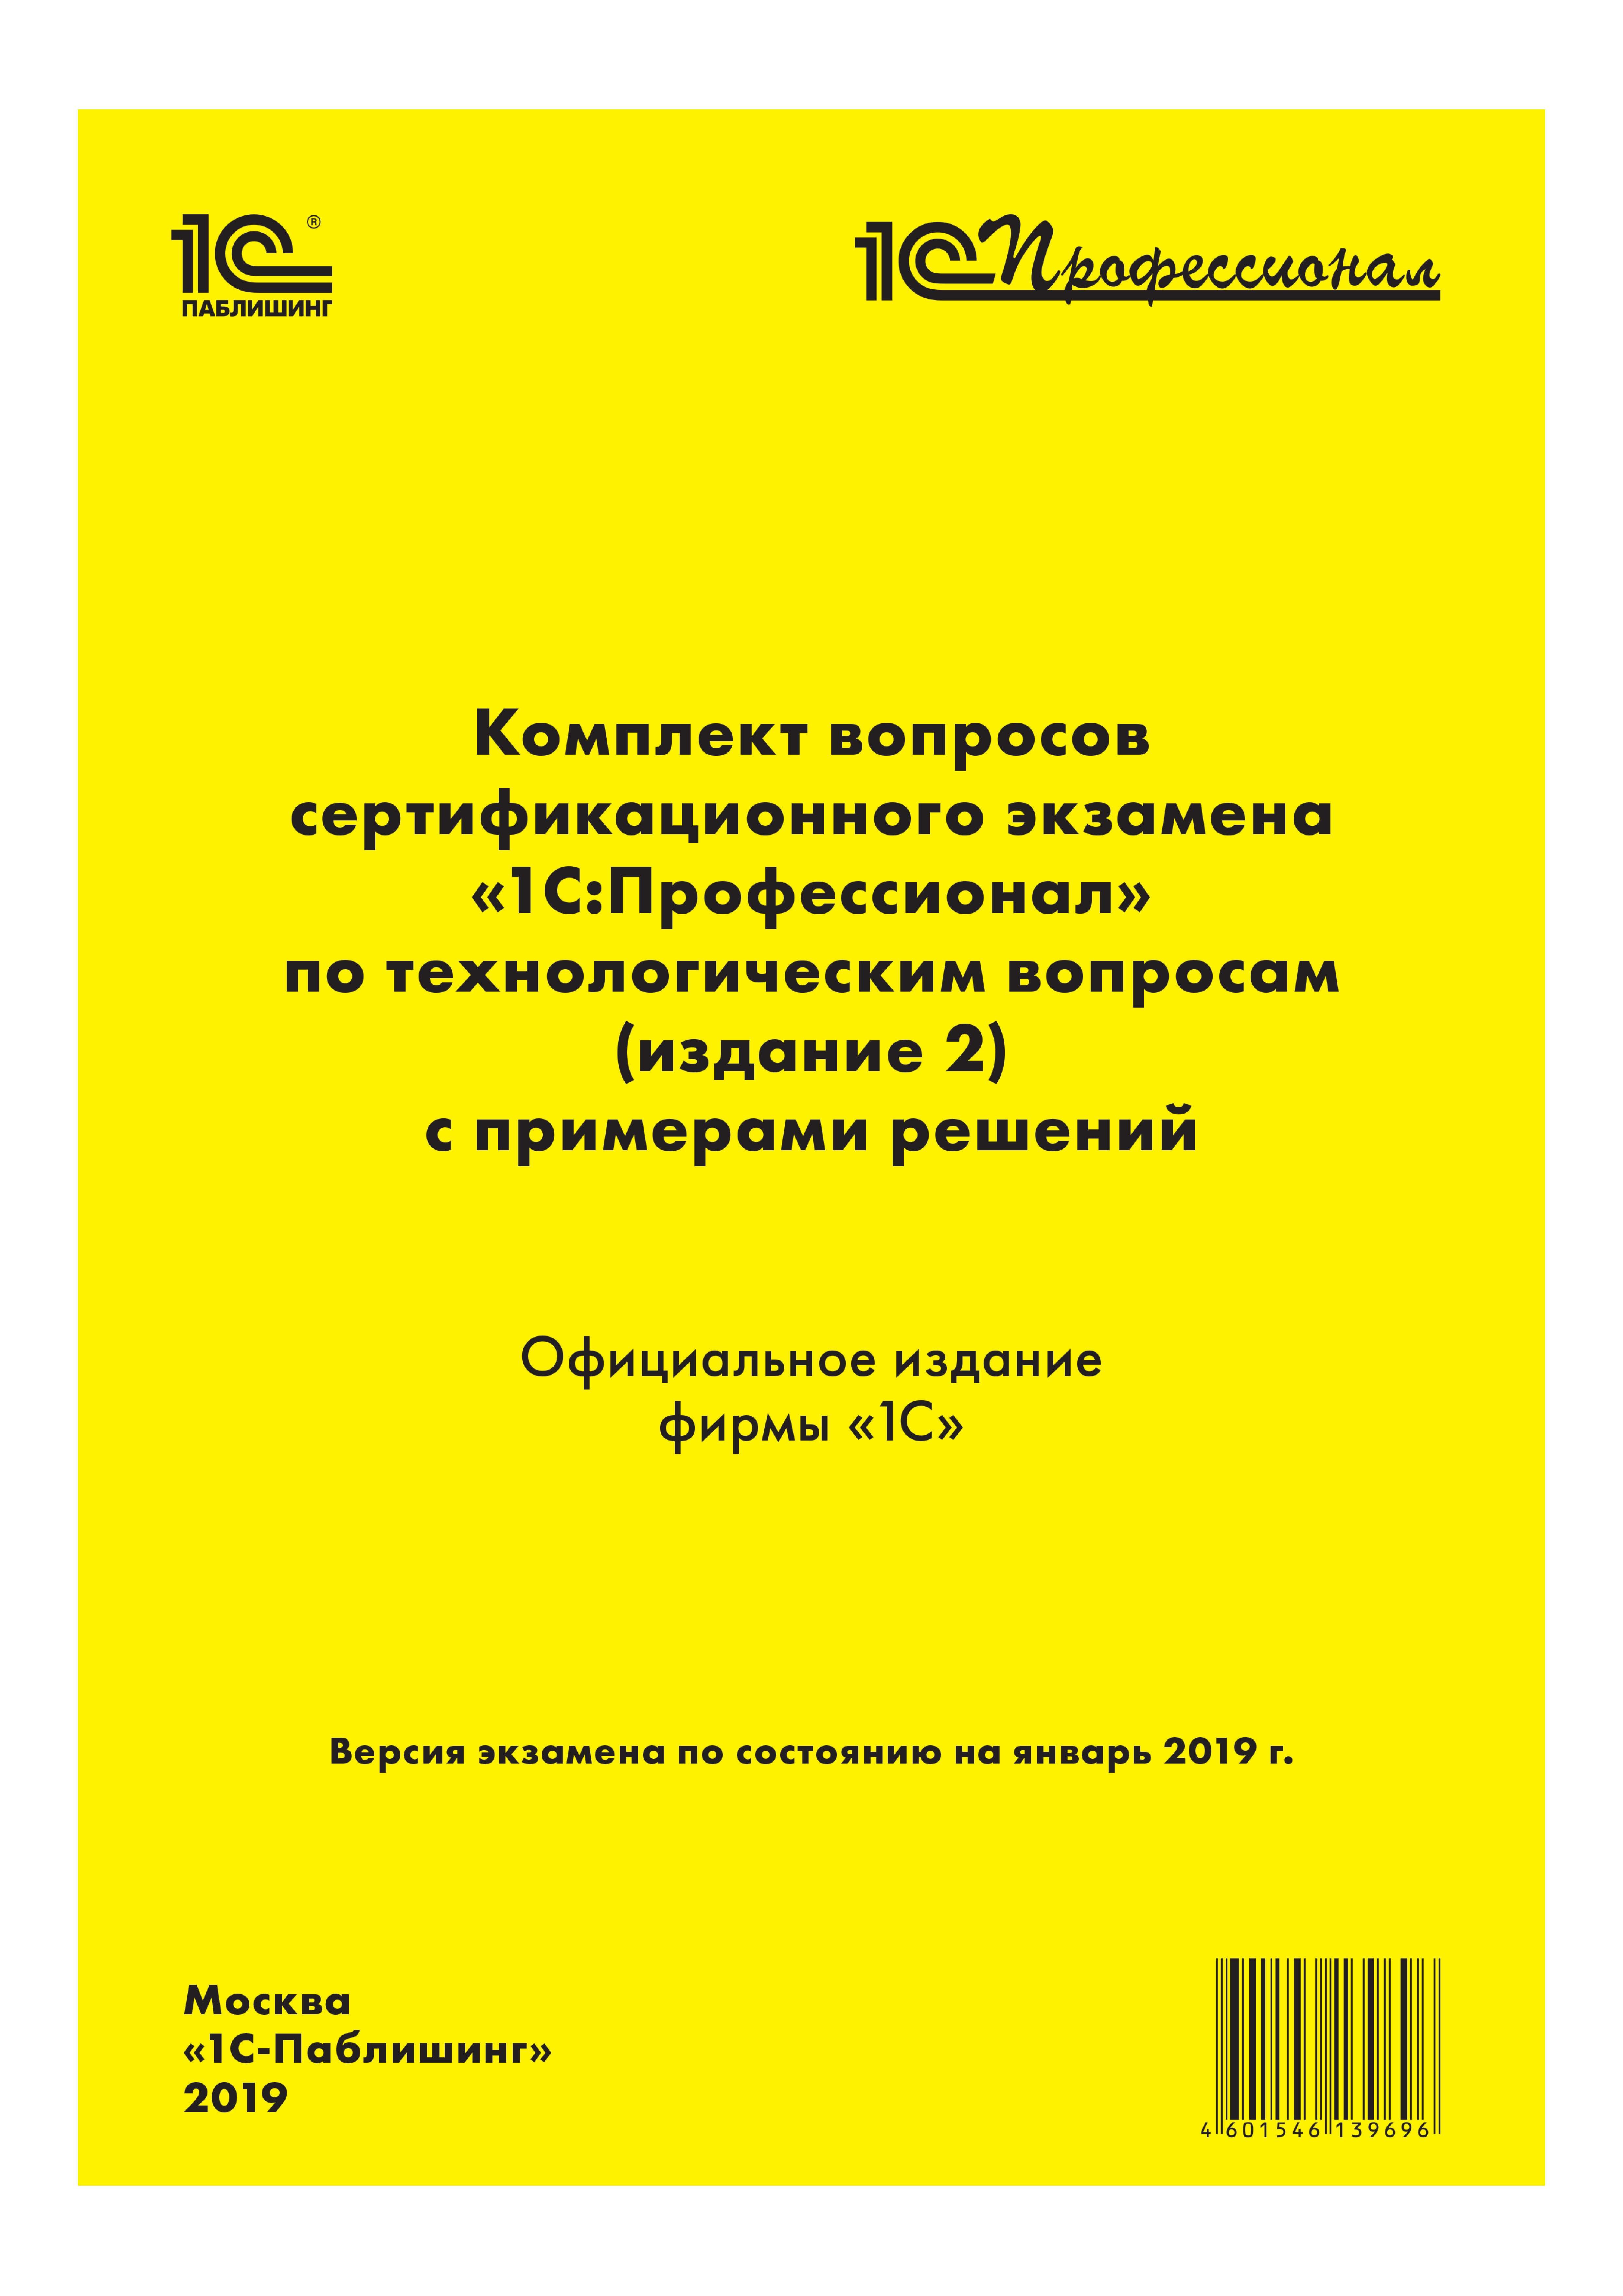 Купить книгу Комплект вопросов сертификационного экзамена «1С:Профессионал» по технологическим вопросам с примерами решений, автора